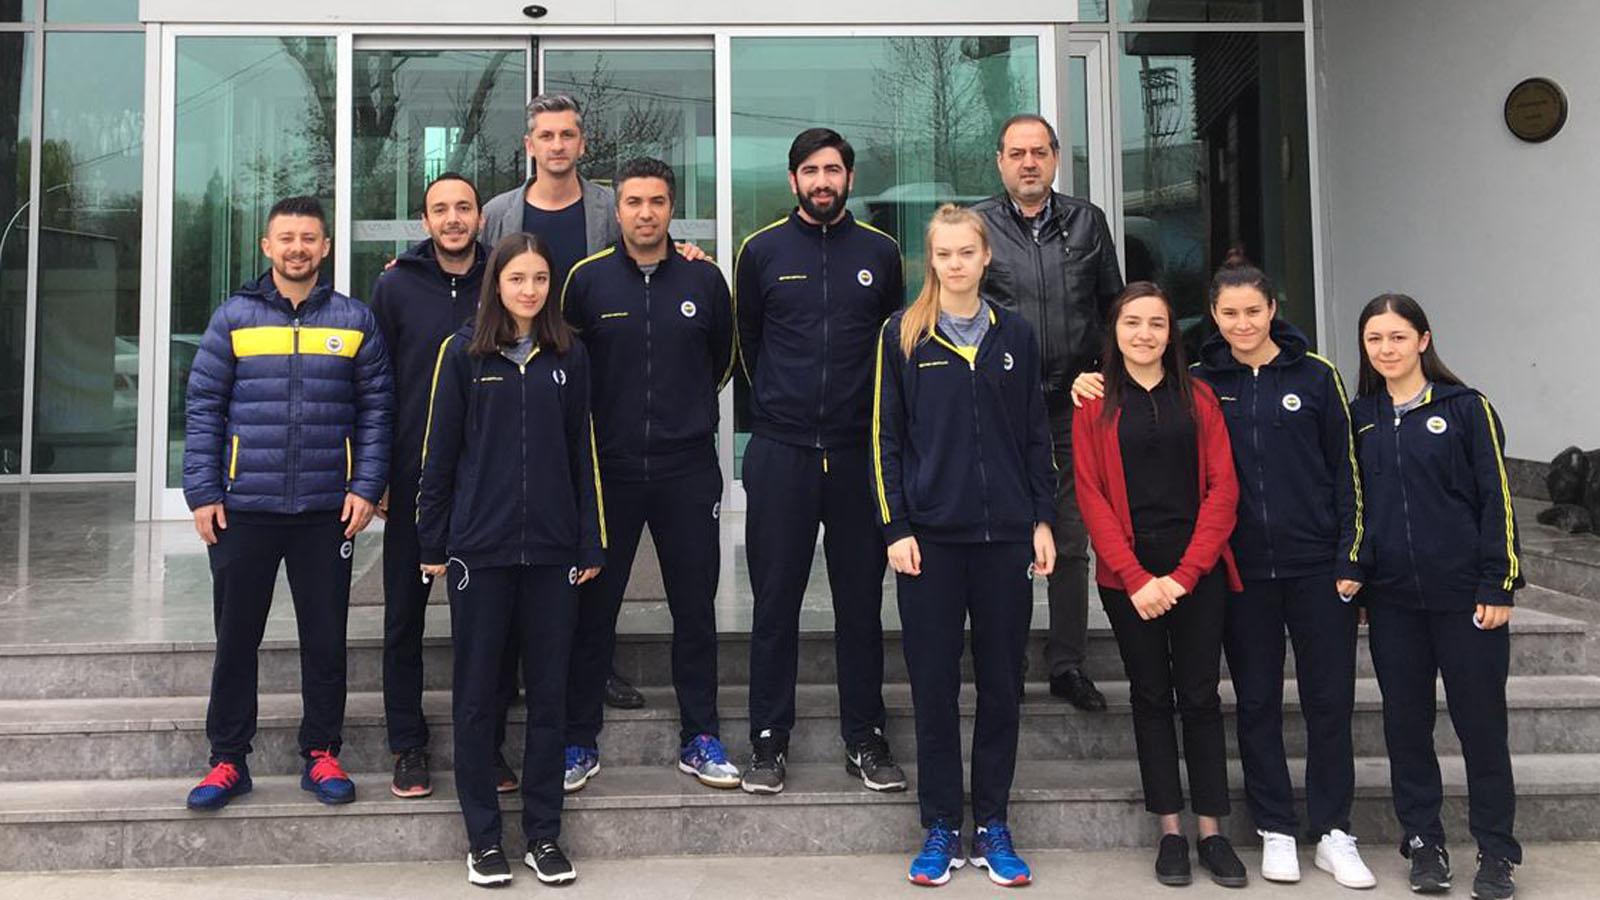 Masa Tenisi Süper Ligi 5. etap maçları Yalova'da yapıldı